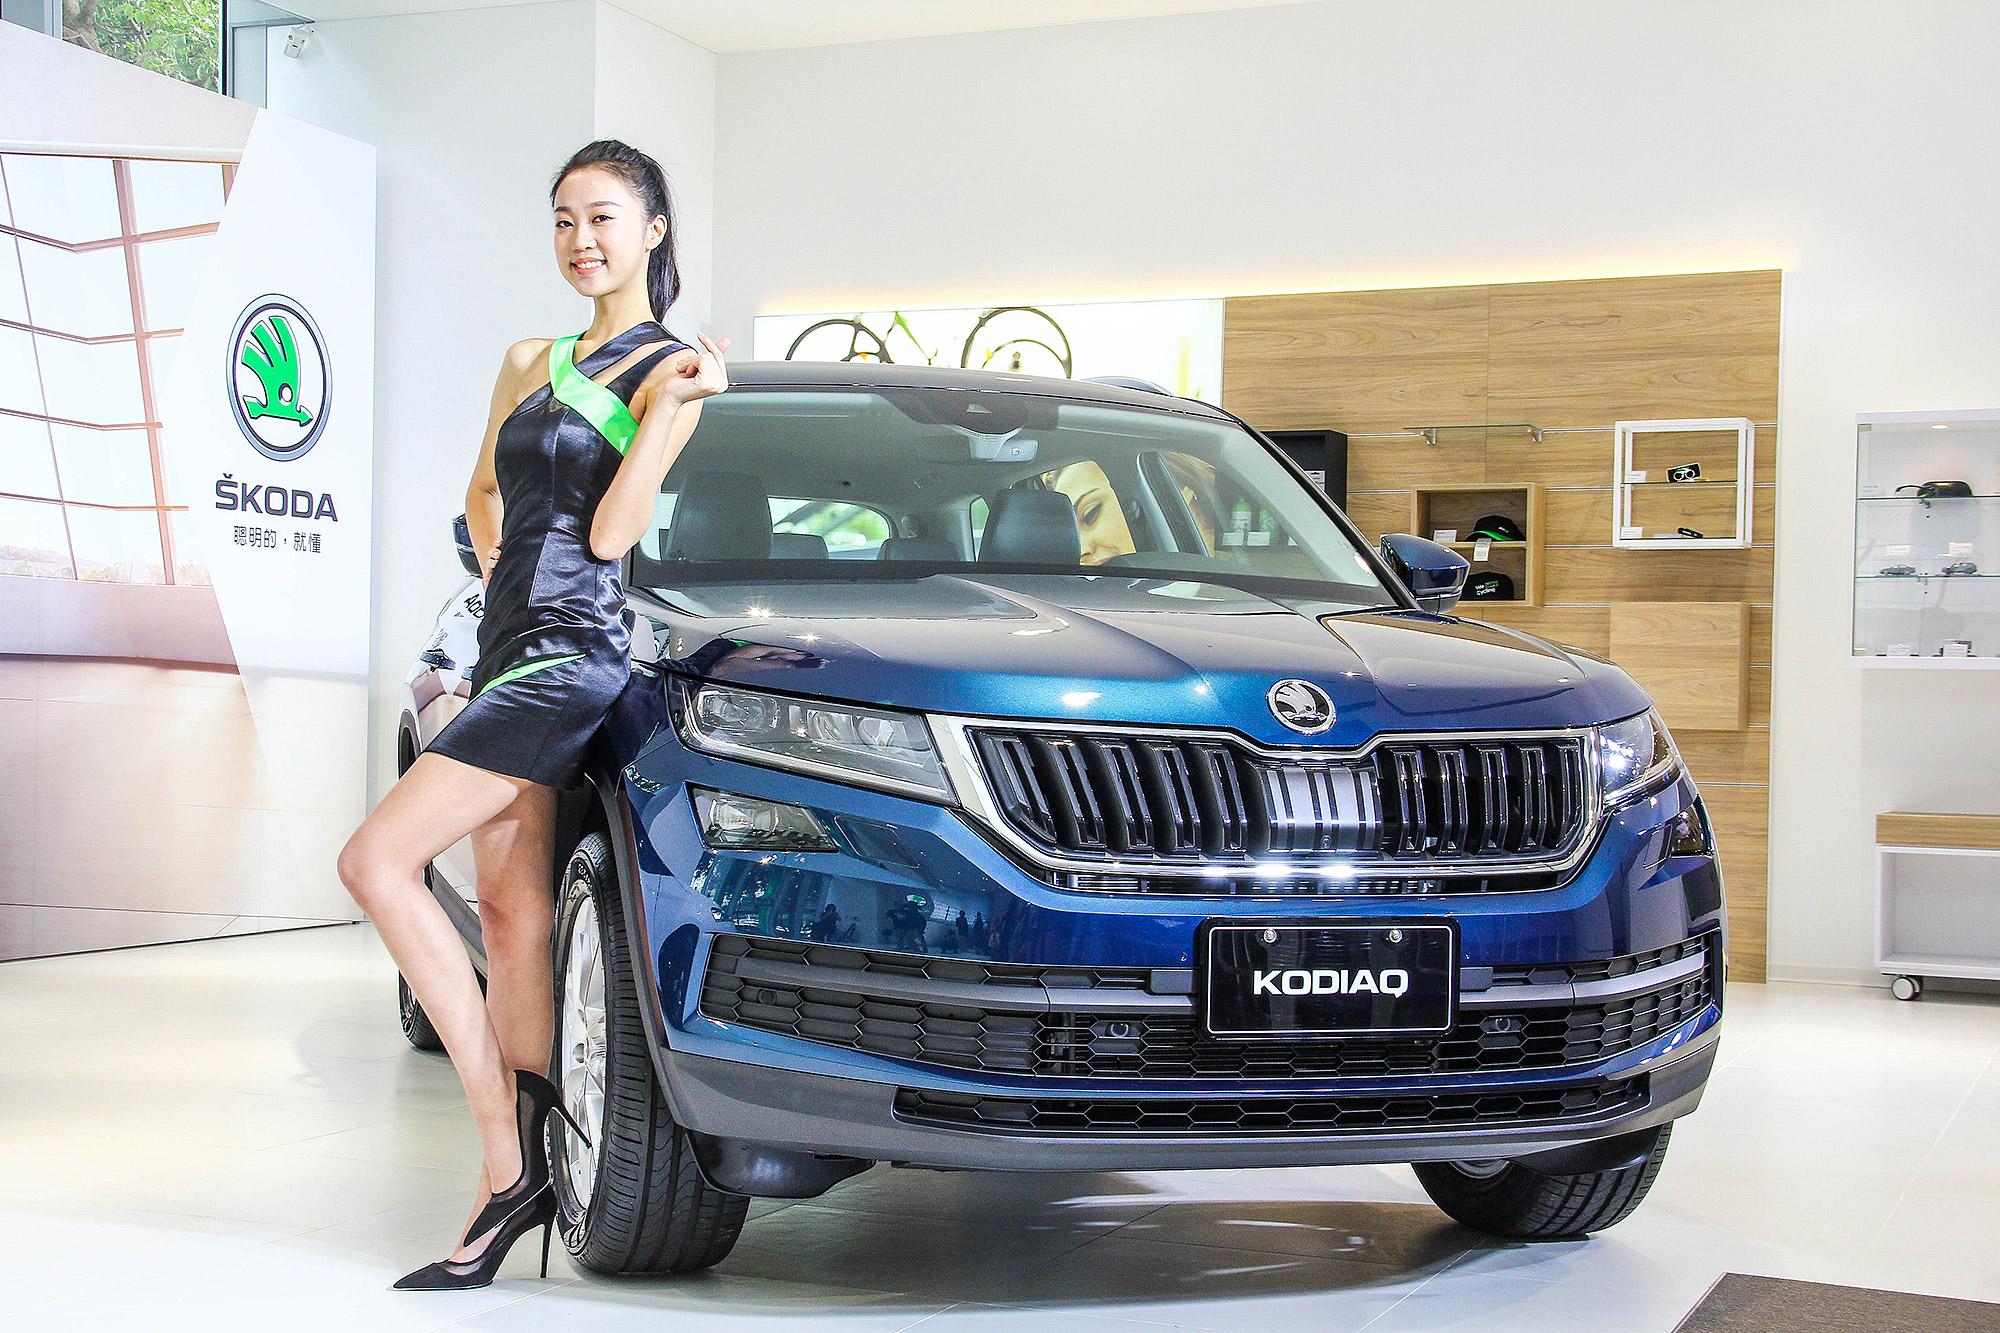 2020 年式 Kodiaq 將持續扮演 Škoda 在台灣休旅市場的主力銷售產品。